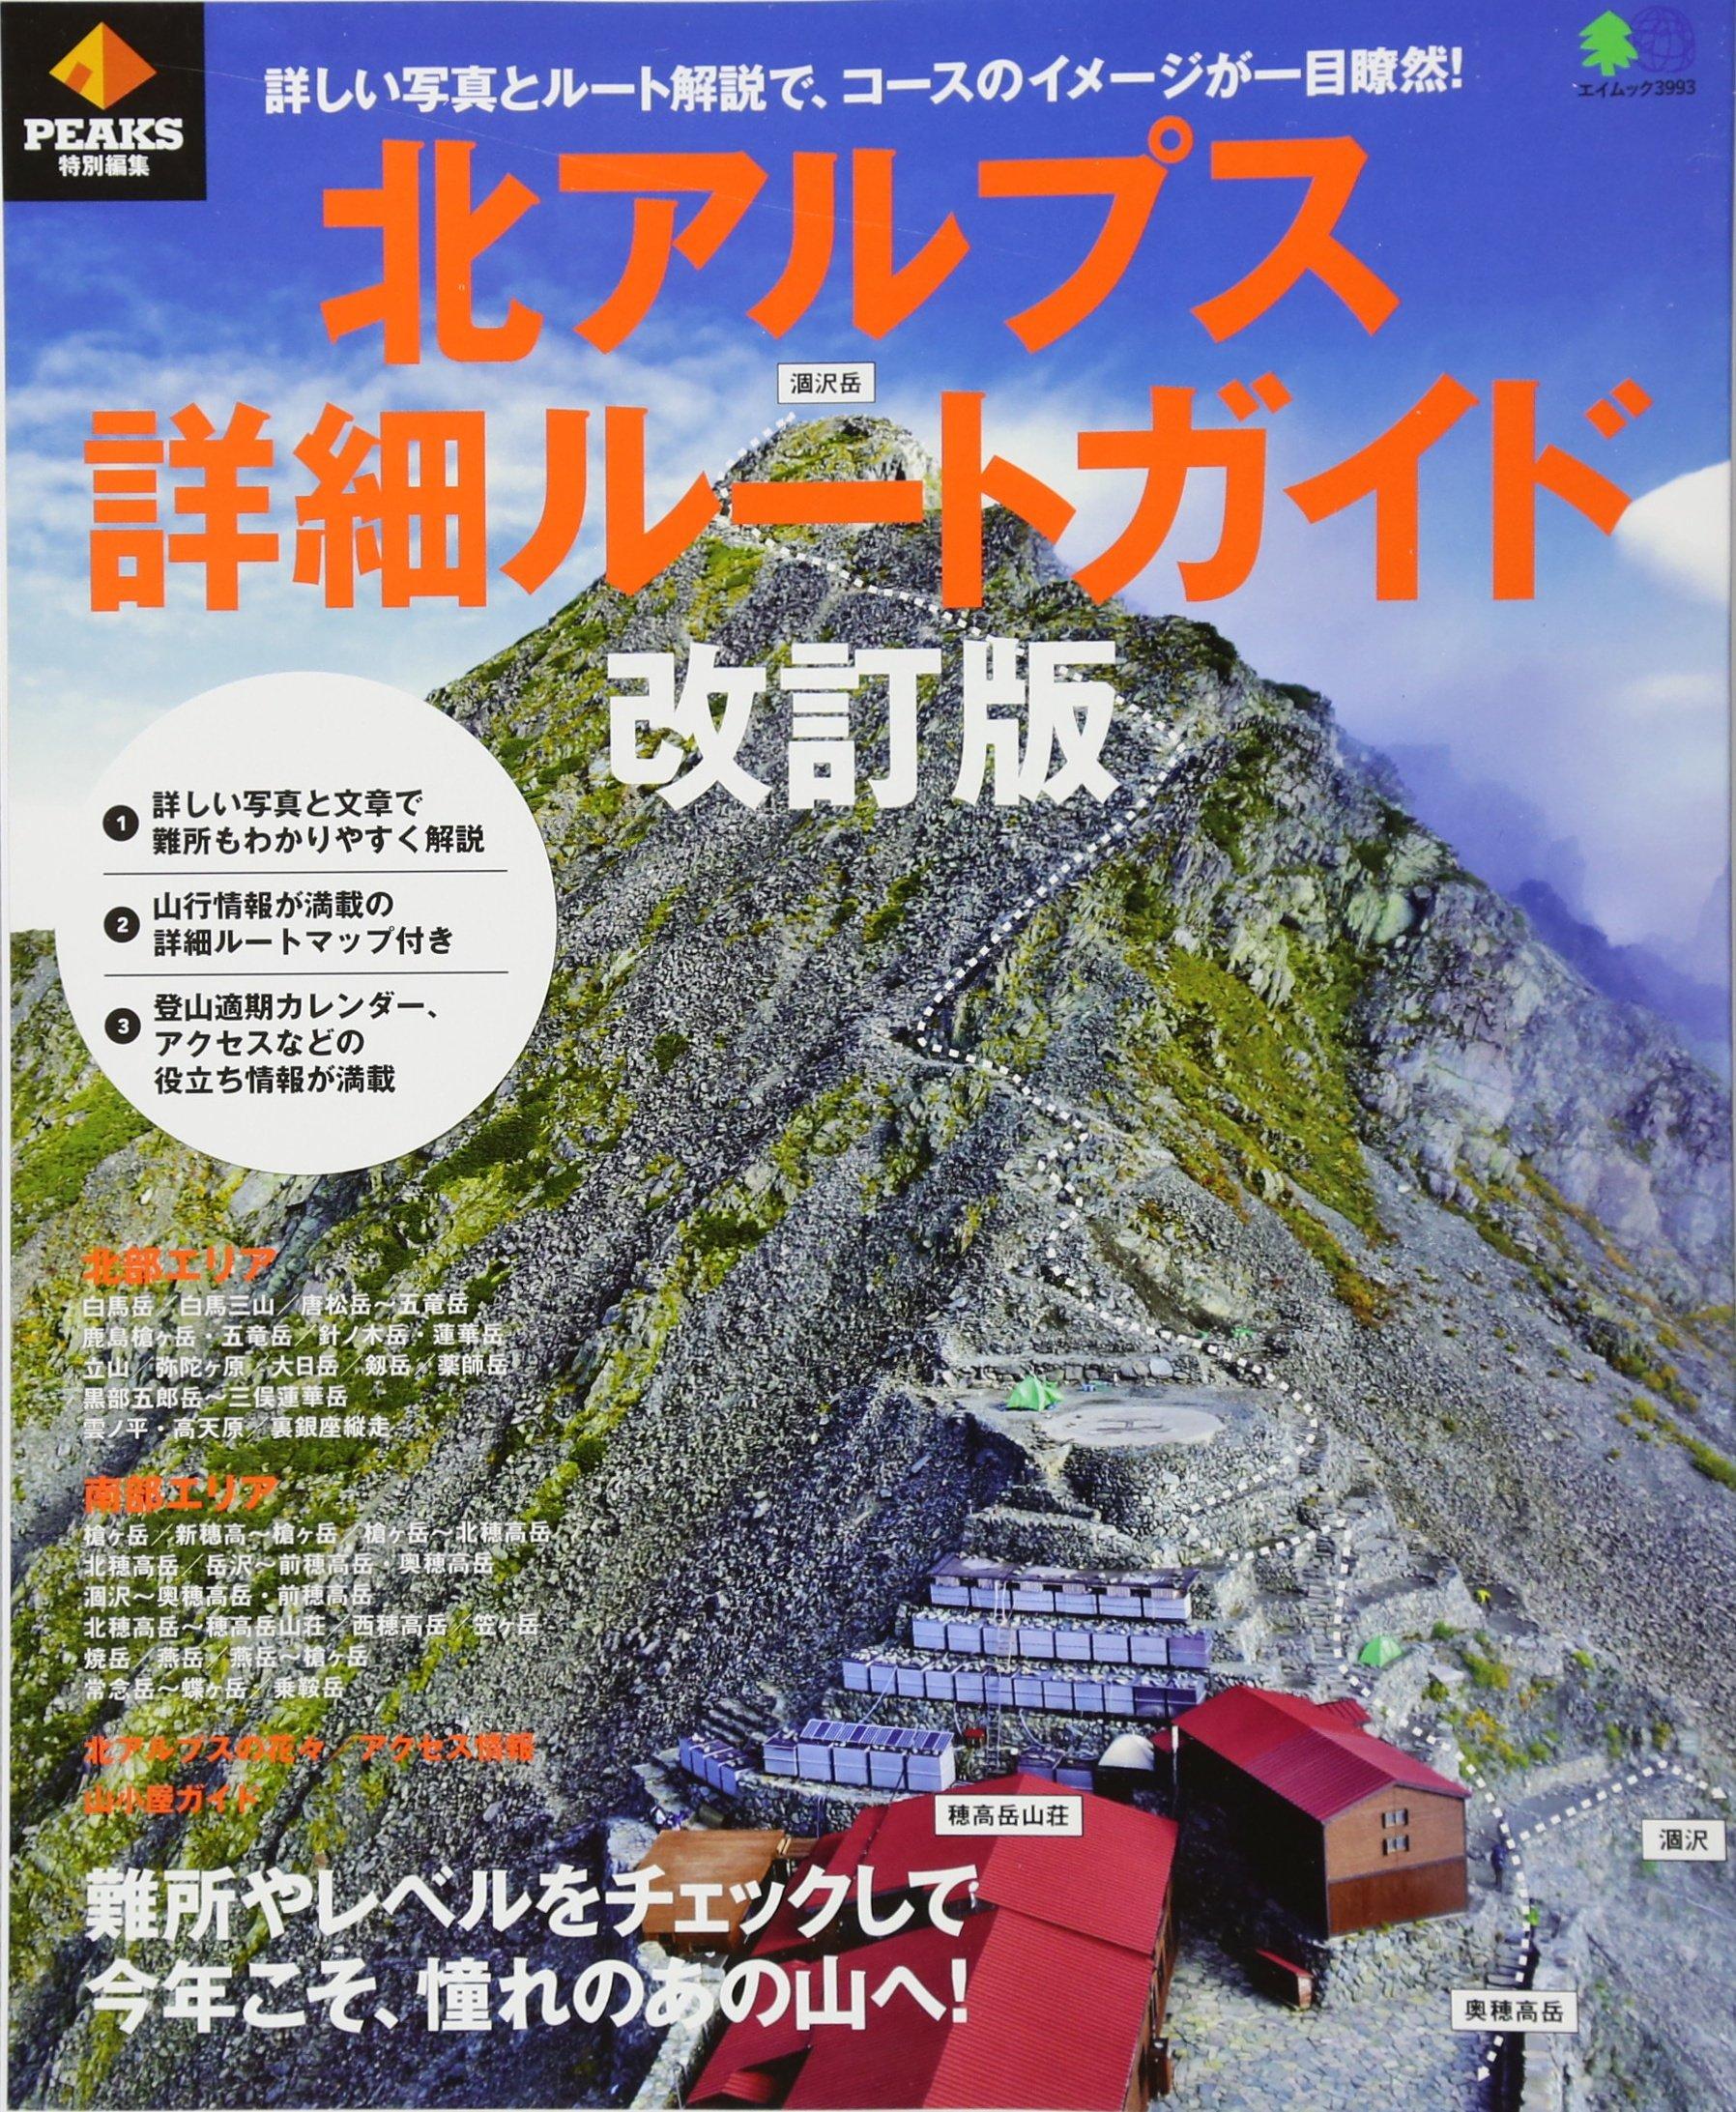 「北アルプス登山詳細ルートガイド 改訂版」(エイ出版社)